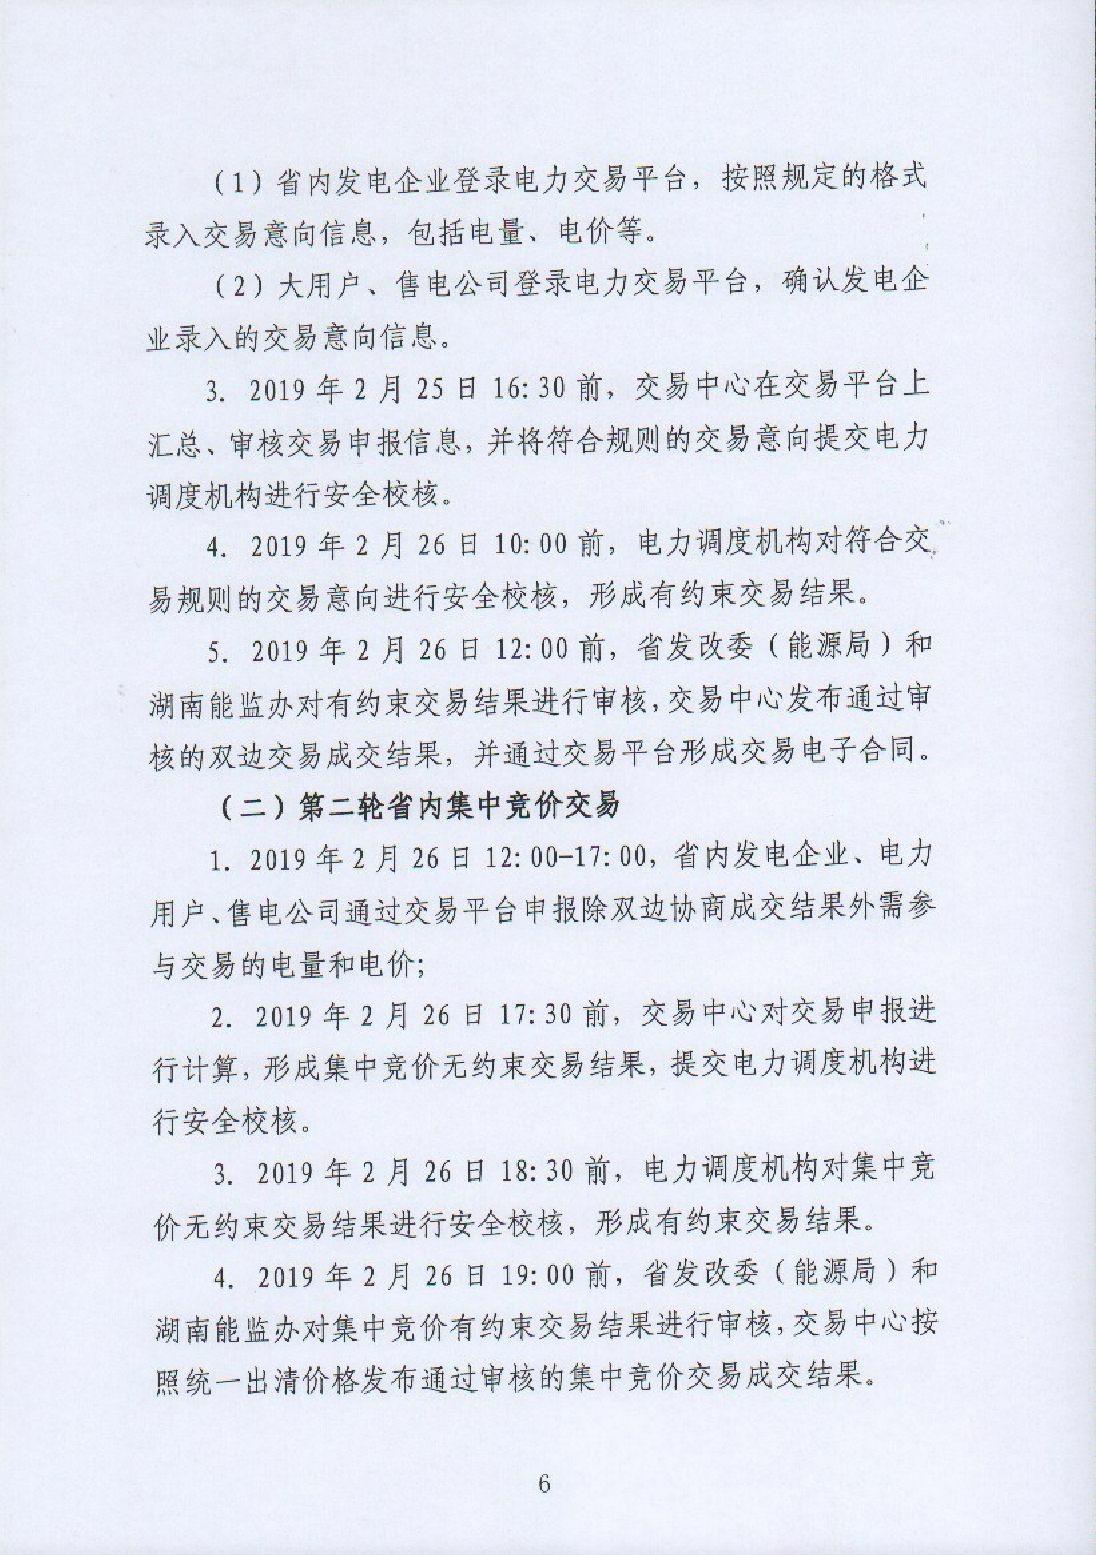 湖南電力交易中心有限公司關于2019年3月電力市場交易的公告.pdf_page_6_compressed.jpg